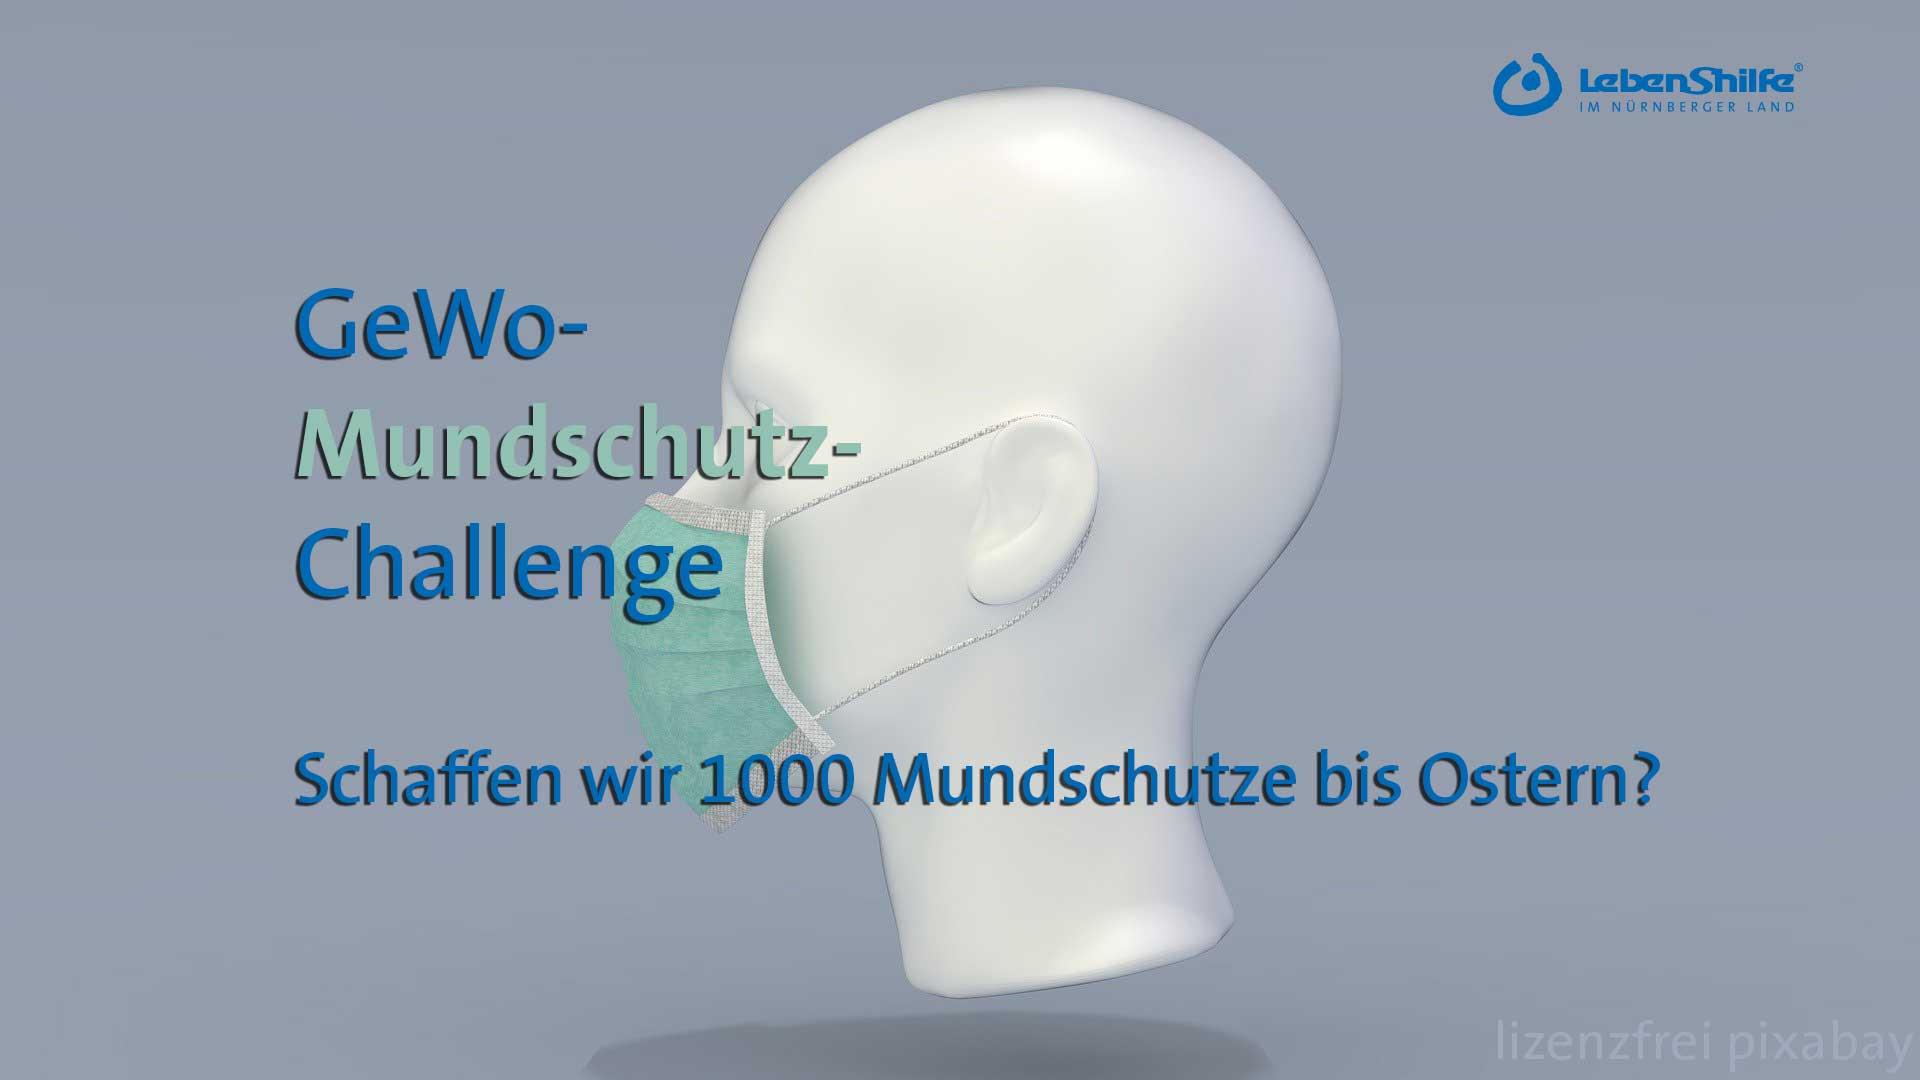 Corona-Krise - Lebenshilfe ruft zur GeWo-Mundschutz-Challenge auf: Schaffen wir 1000 Mundschutz-Masken bis Ostern?